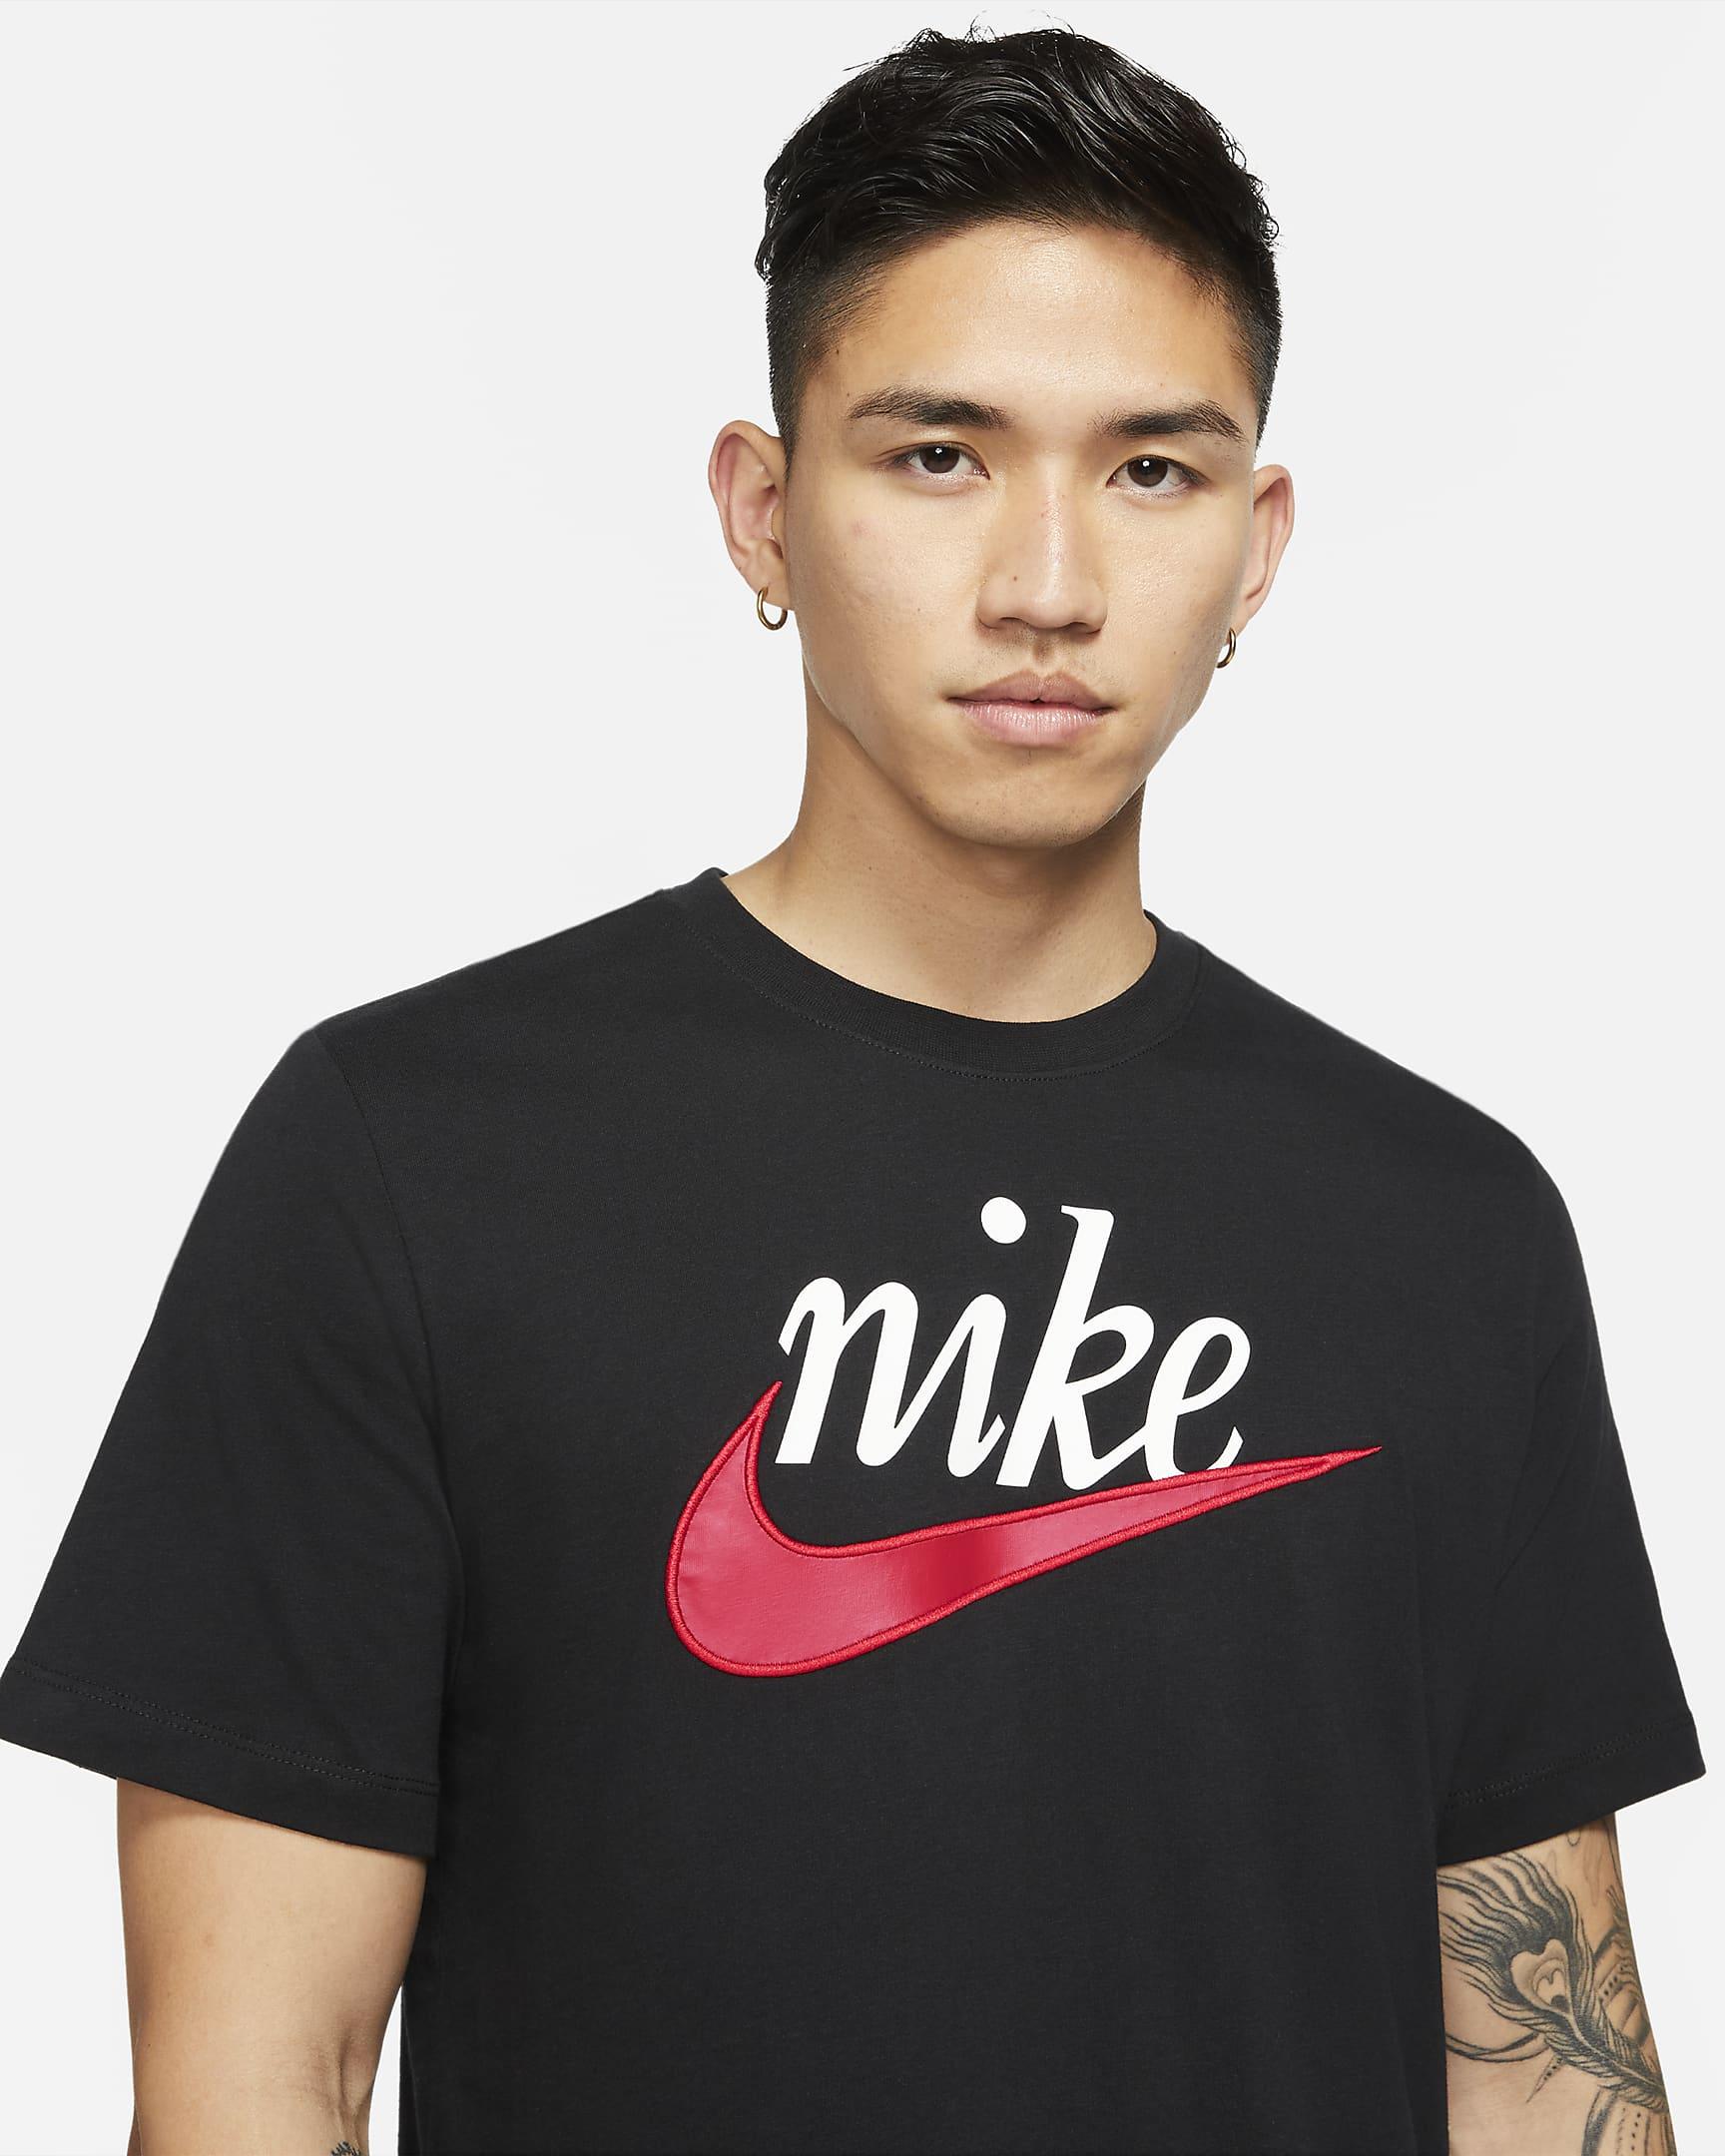 nike-sportswear-mens-t-shirt-XvMmR7-3.png